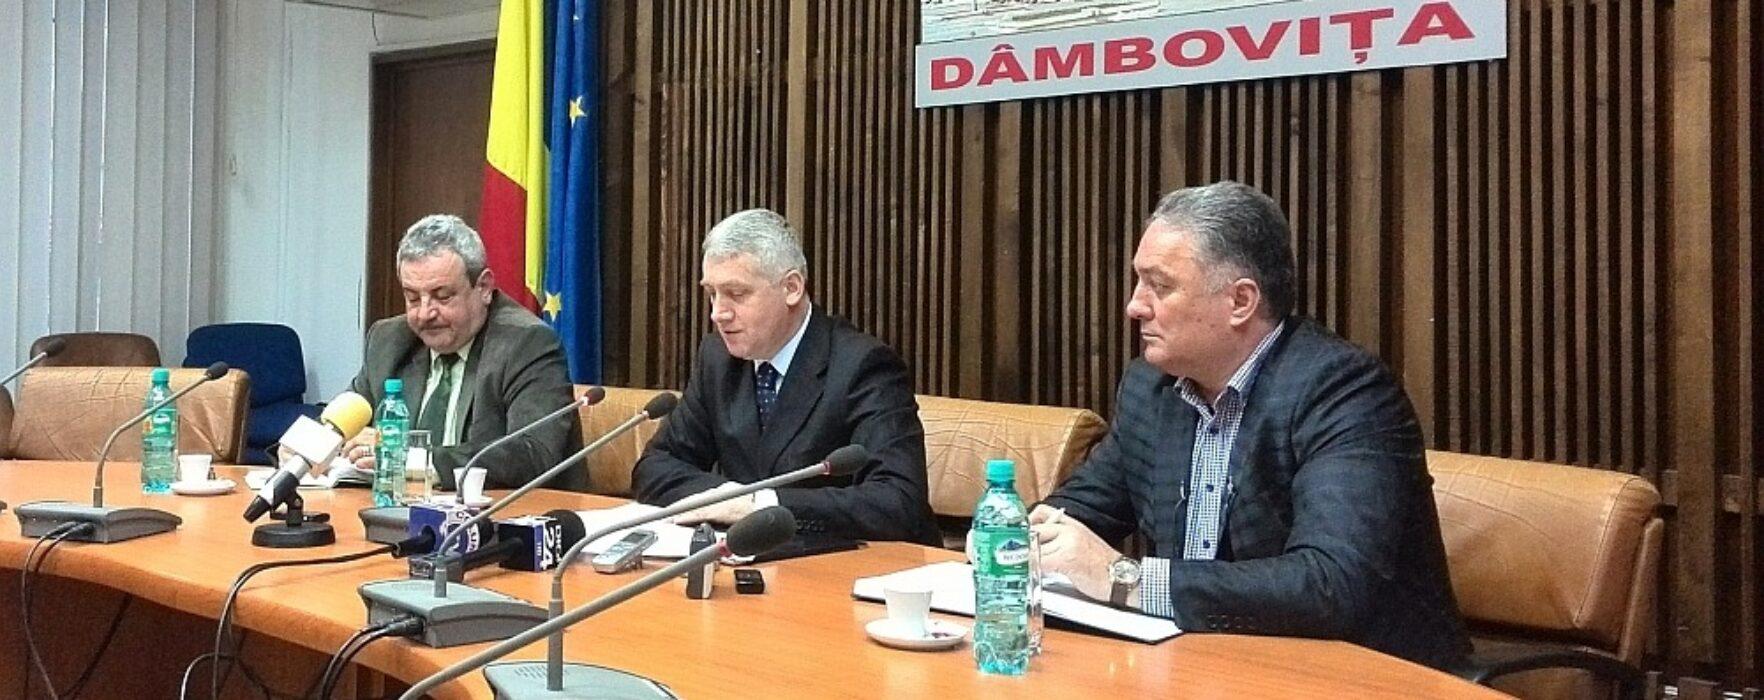 Adrian Ţuţuianu (preşedinte CJ Dâmboviţa): Sunt două variante pentru reluarea transportului feroviar pe ruta Târgovişte-Pietroşiţa